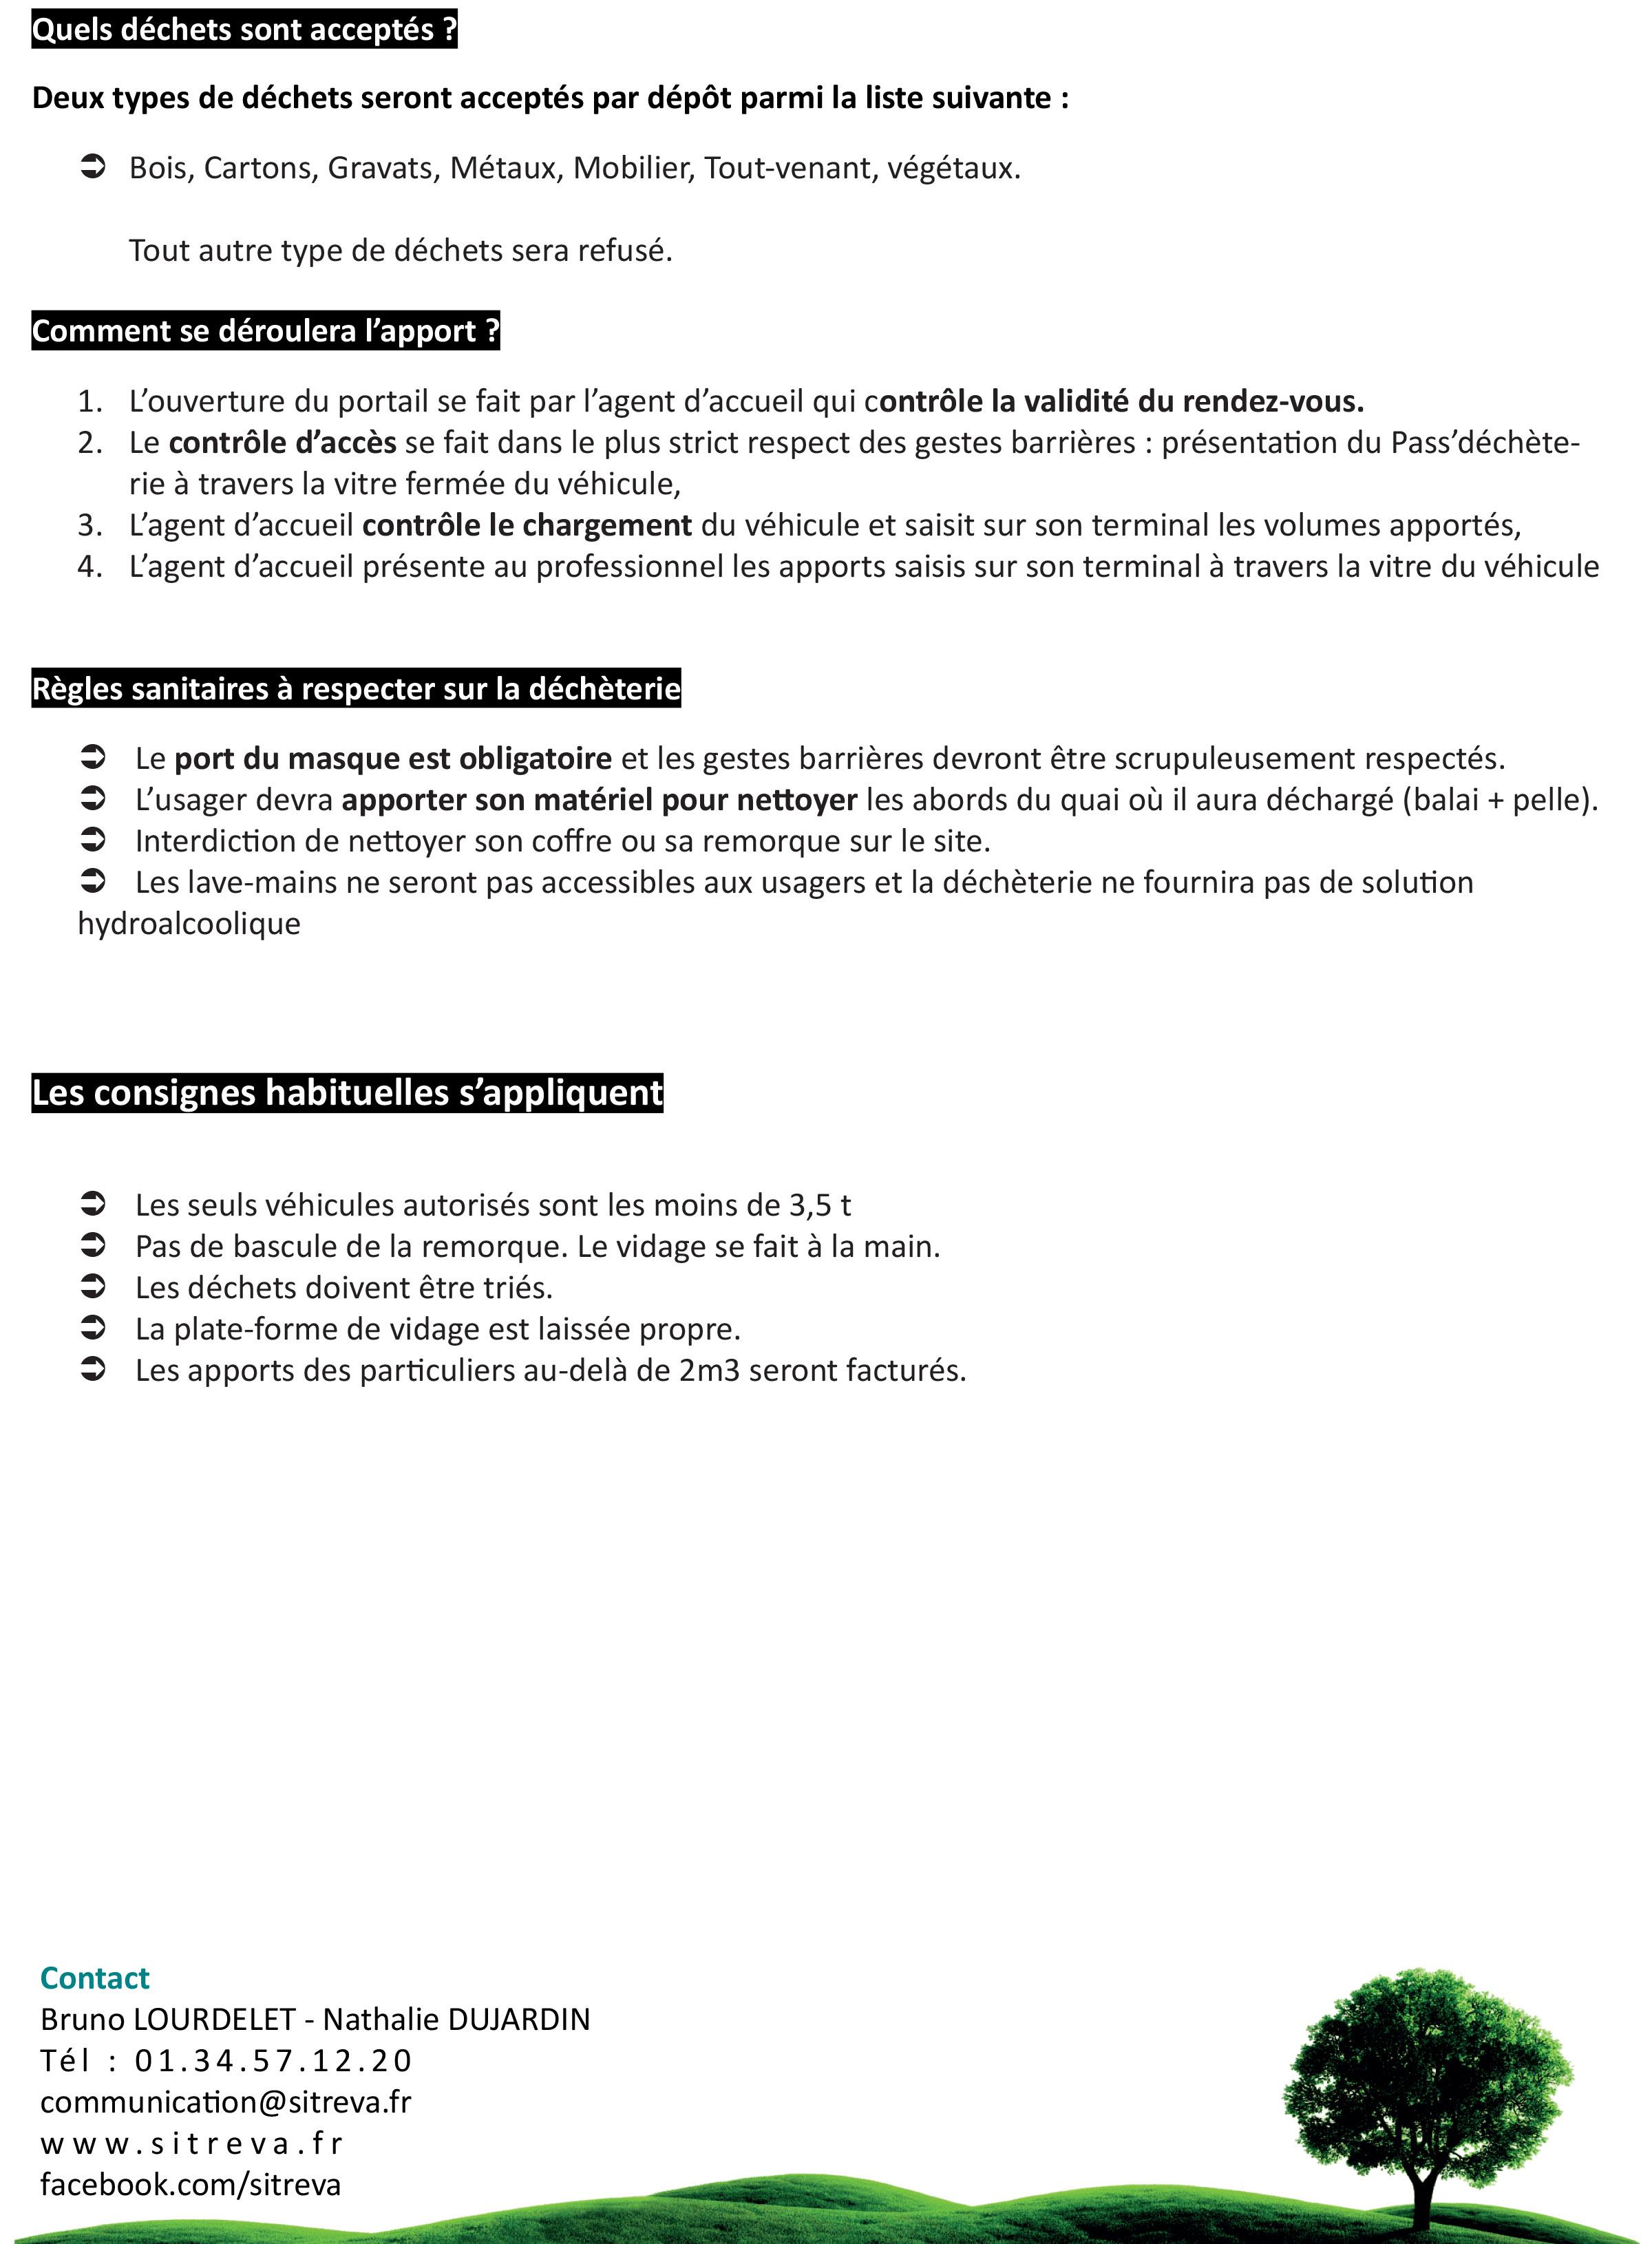 communique_reouverture-5-decheteries-supplementaires-2